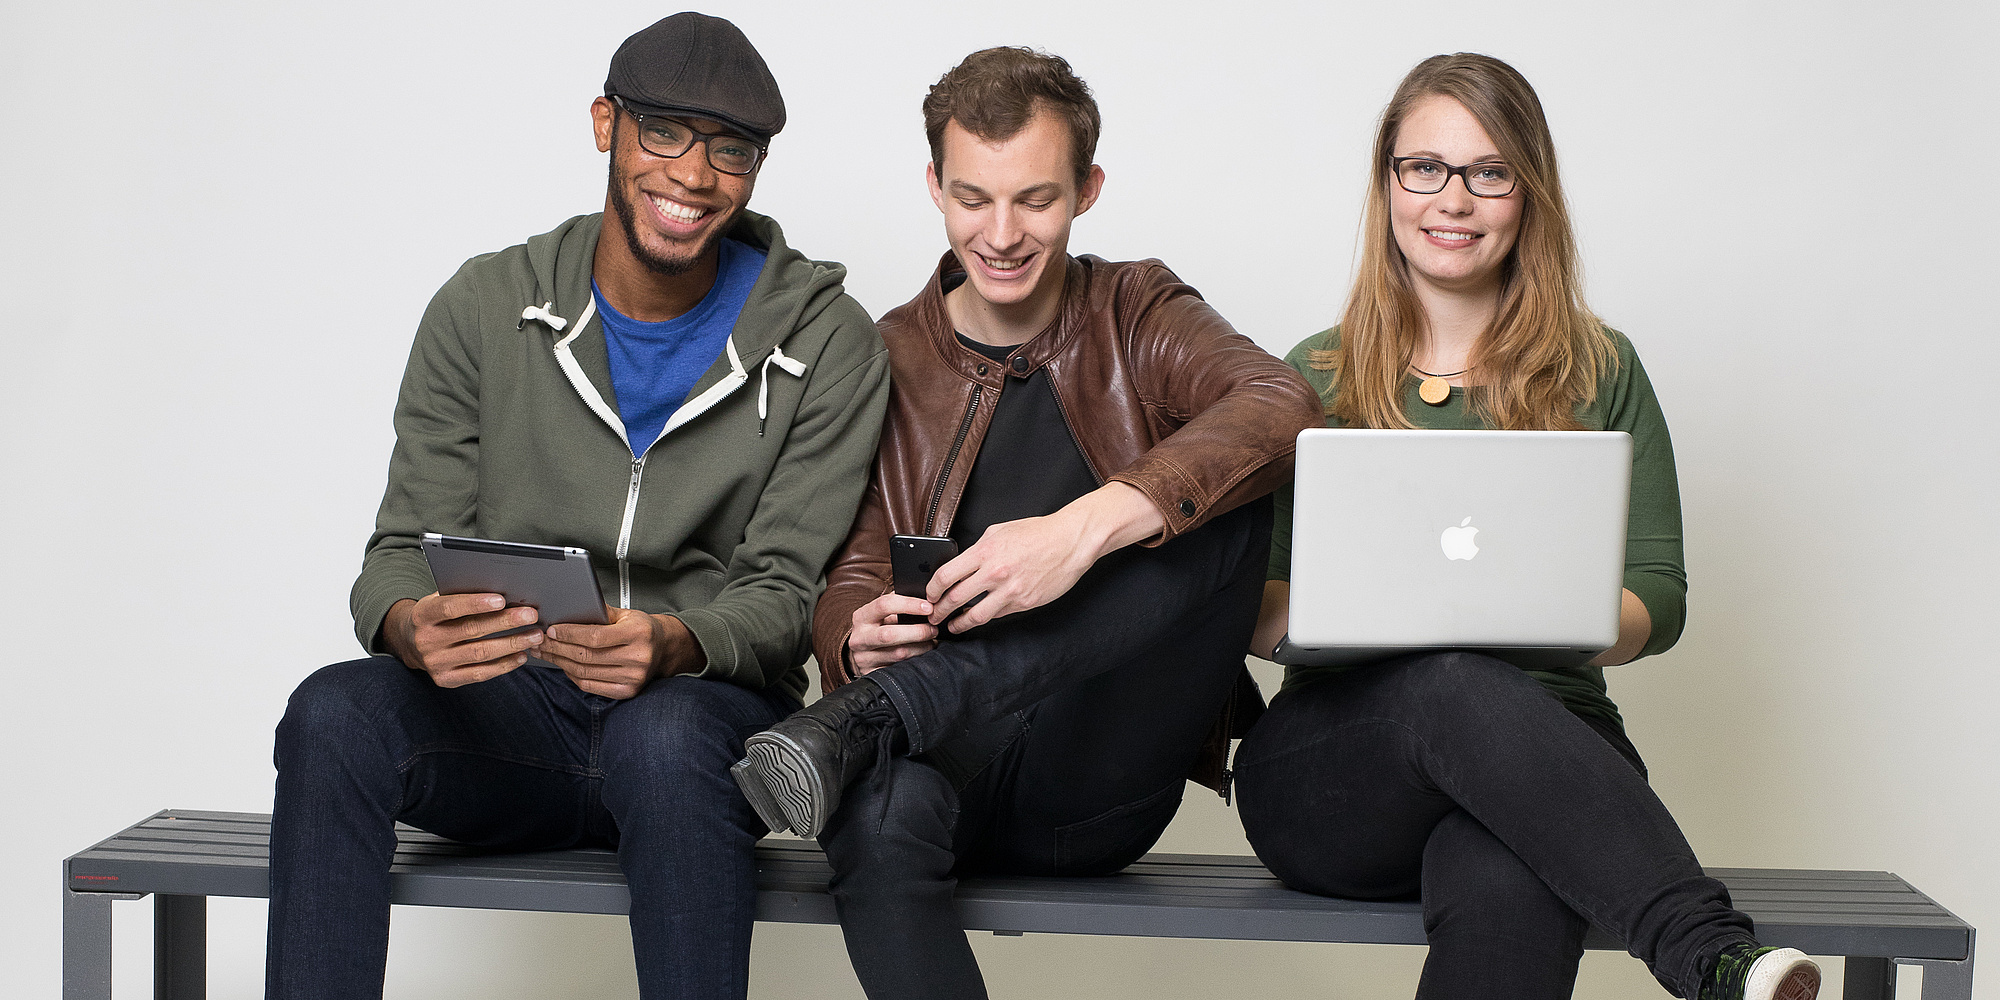 Eine Frau und zwei Männer sitzen auf einer Bank und halten Notebook, Tablet und Handy in der Hand. Bildquelle: Kanizaj – TU Graz